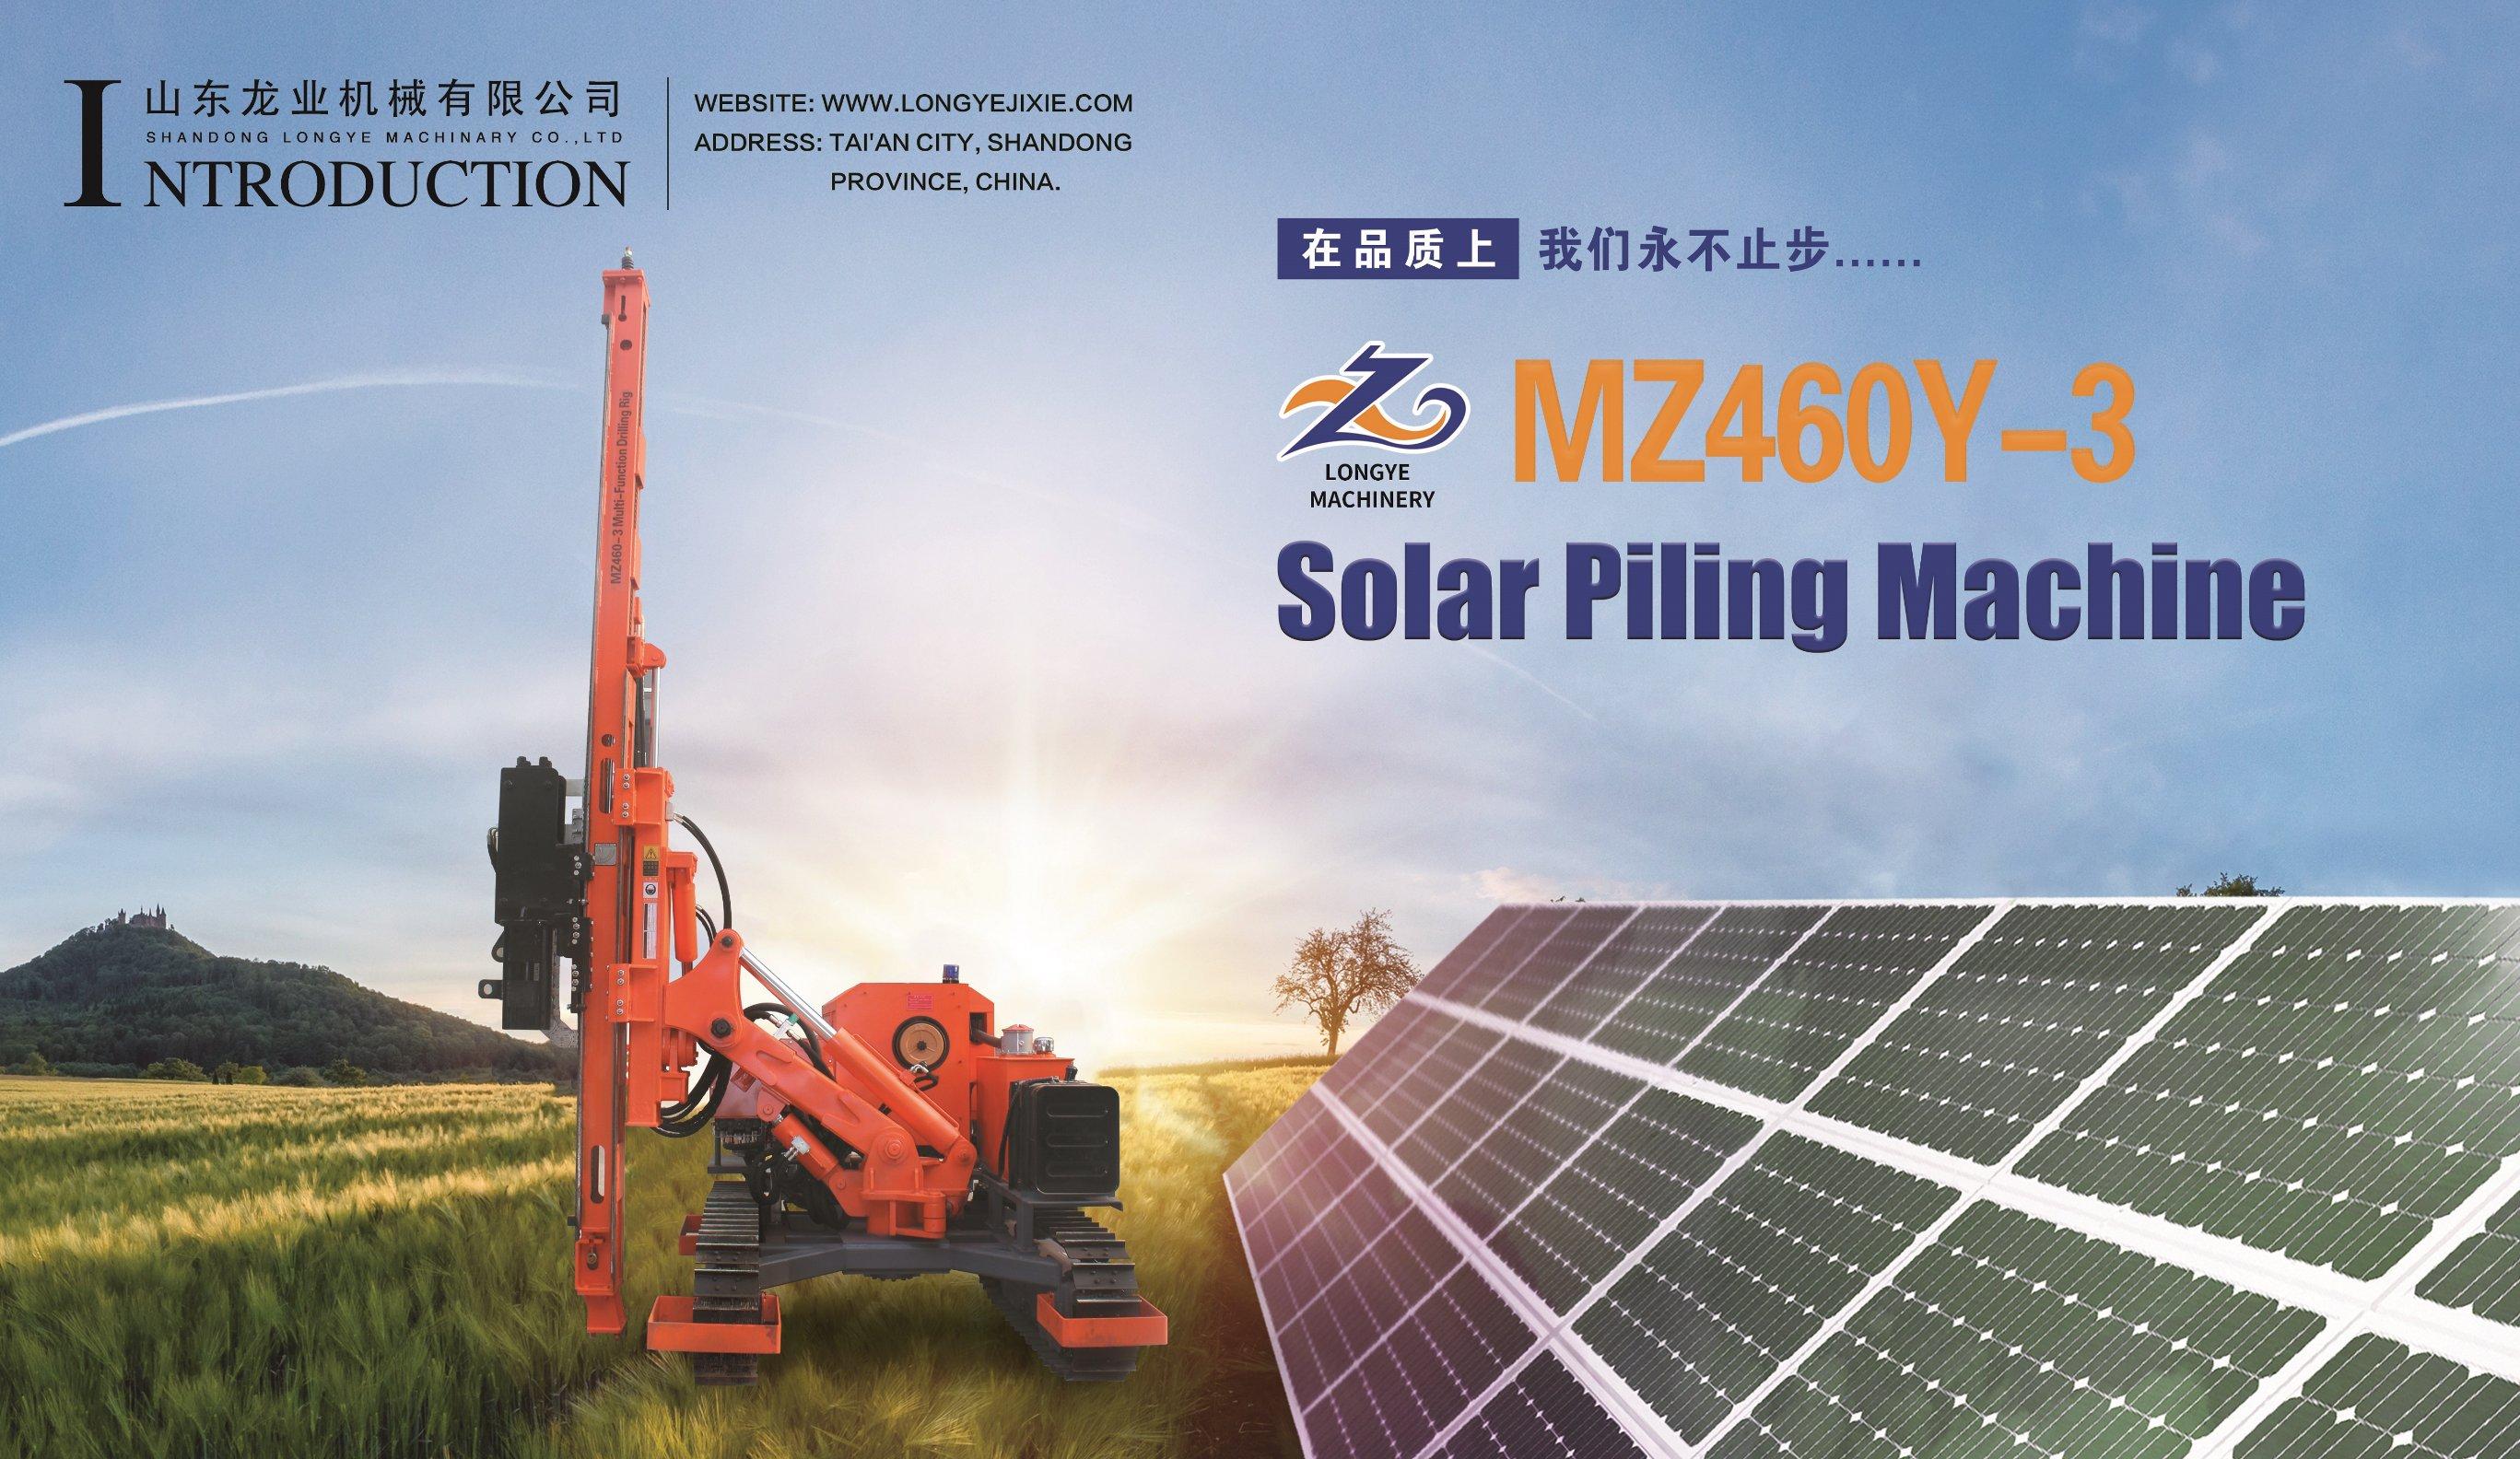 Solar Piling Machine MZ460Y-3